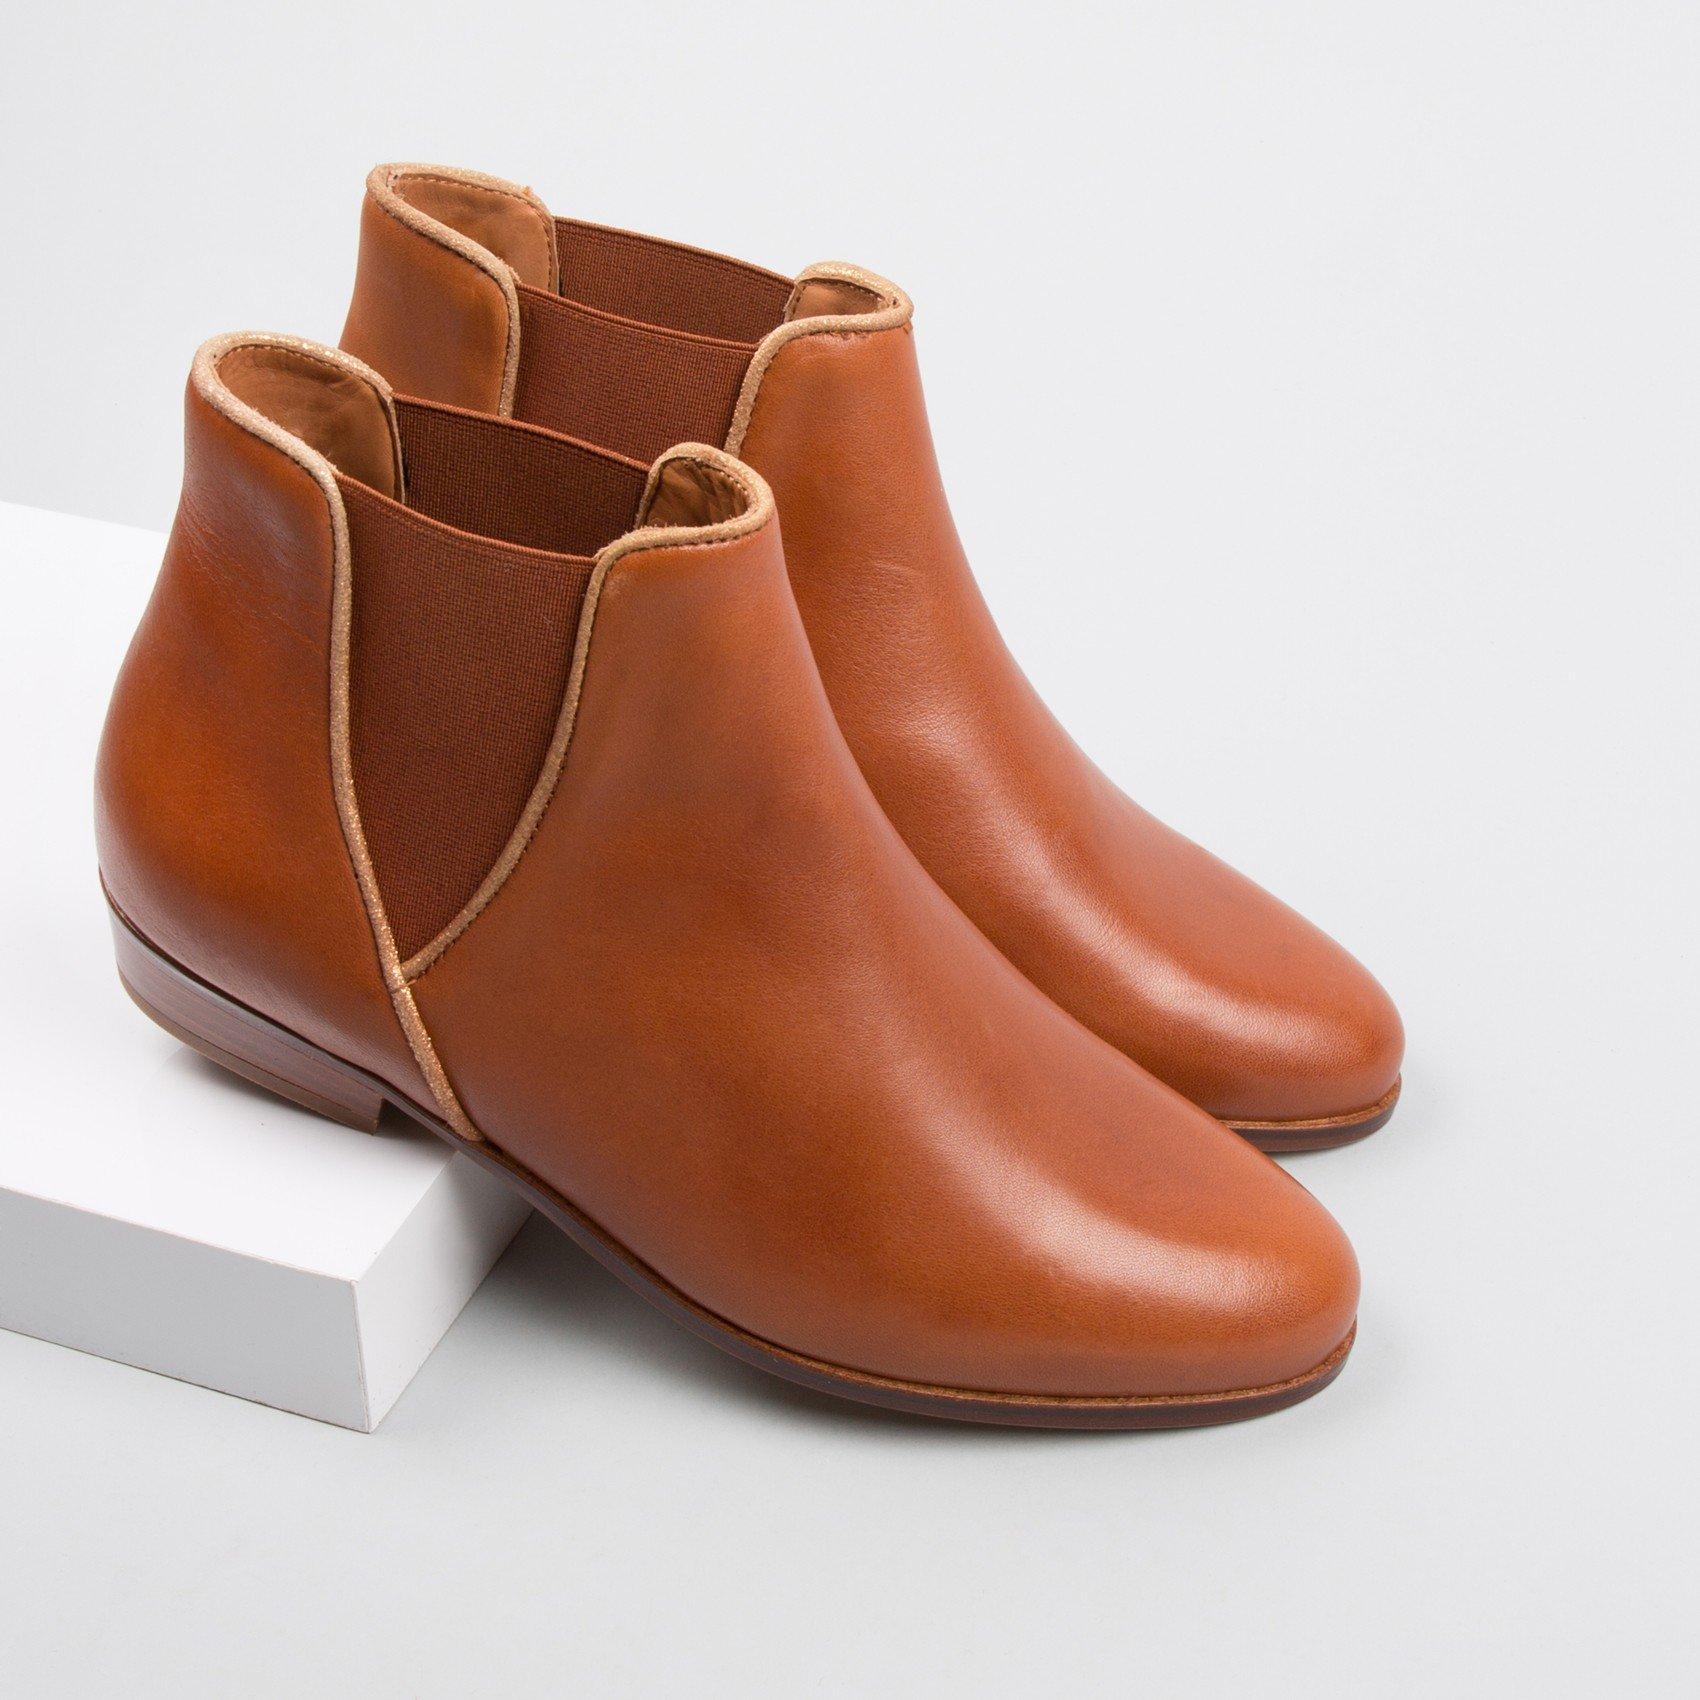 chelsea boots femme. Black Bedroom Furniture Sets. Home Design Ideas